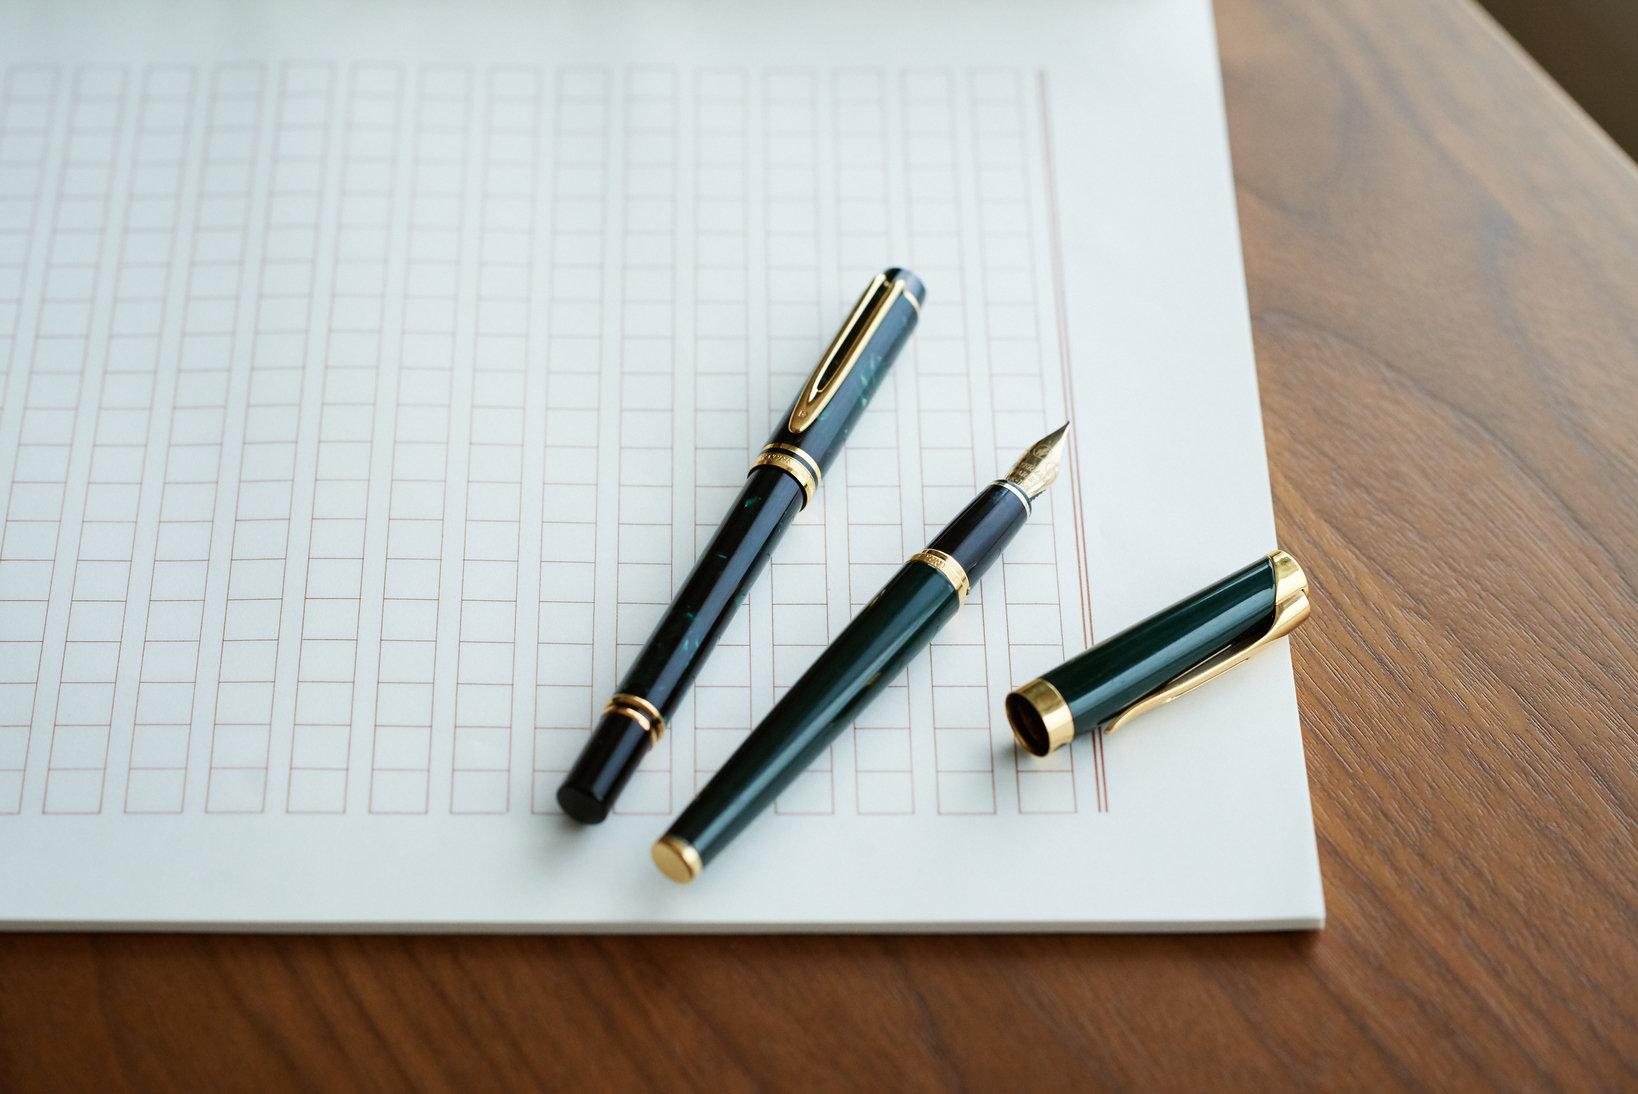 「ル・マン200」をベースに軸をマーブル模様に仕上げた、優美な「ラプソディ ベルベット」の万年筆。小ぶりなサイズ感が日常使いにぴったりで気に入っている。